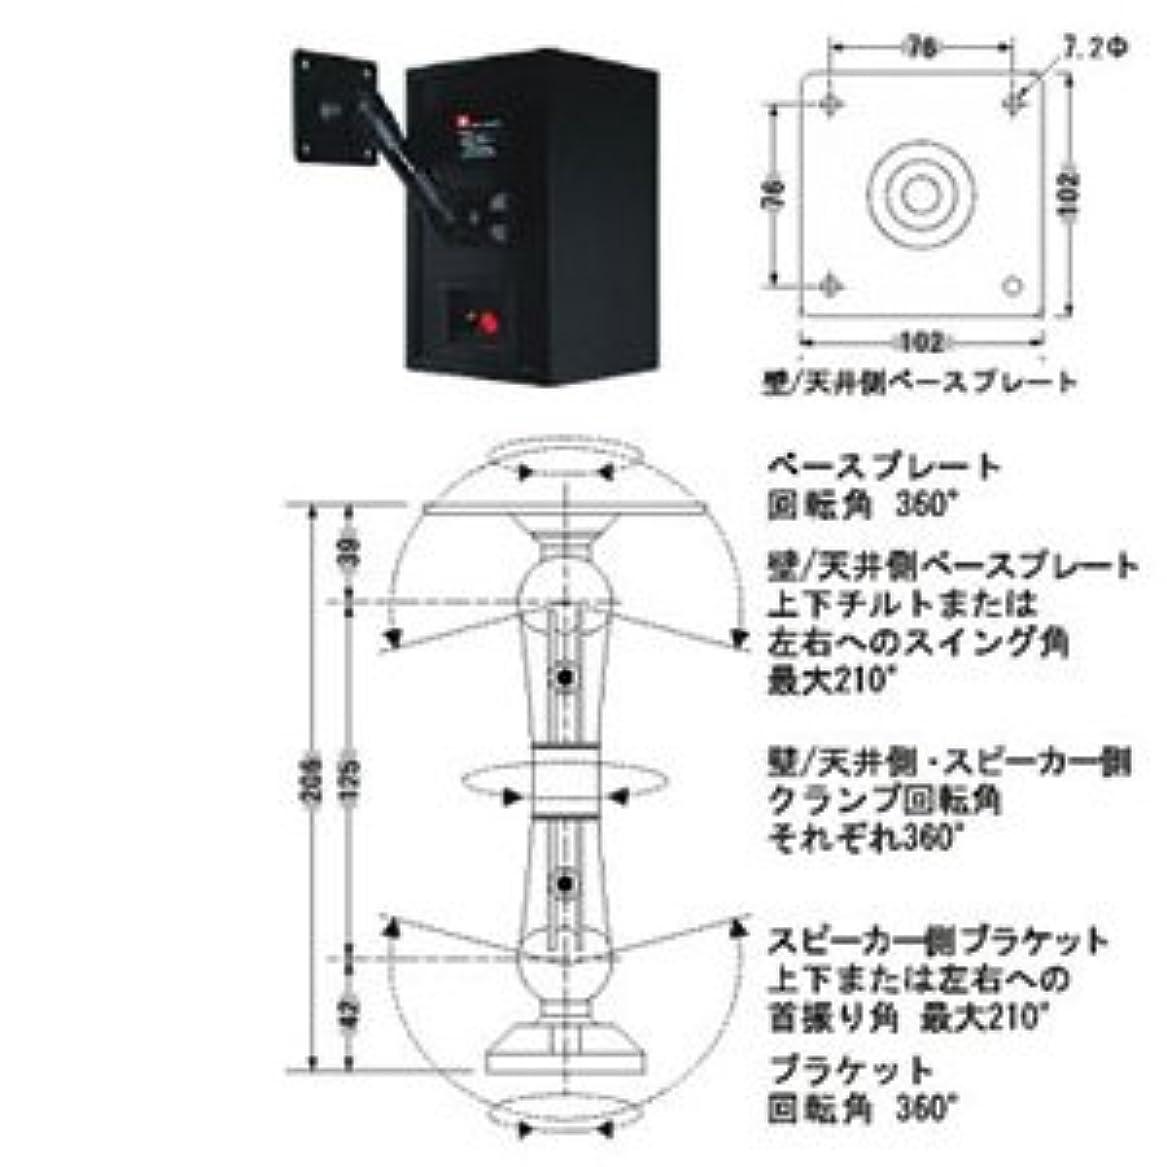 因子神経障害集まるHumanCentric 壁取り付けキット Bose Solo 5 Soundbar、SoundTouch 120、CineMate 120 ホームスピーカーシアターシステムと互換性あり Bose WB-120に対応